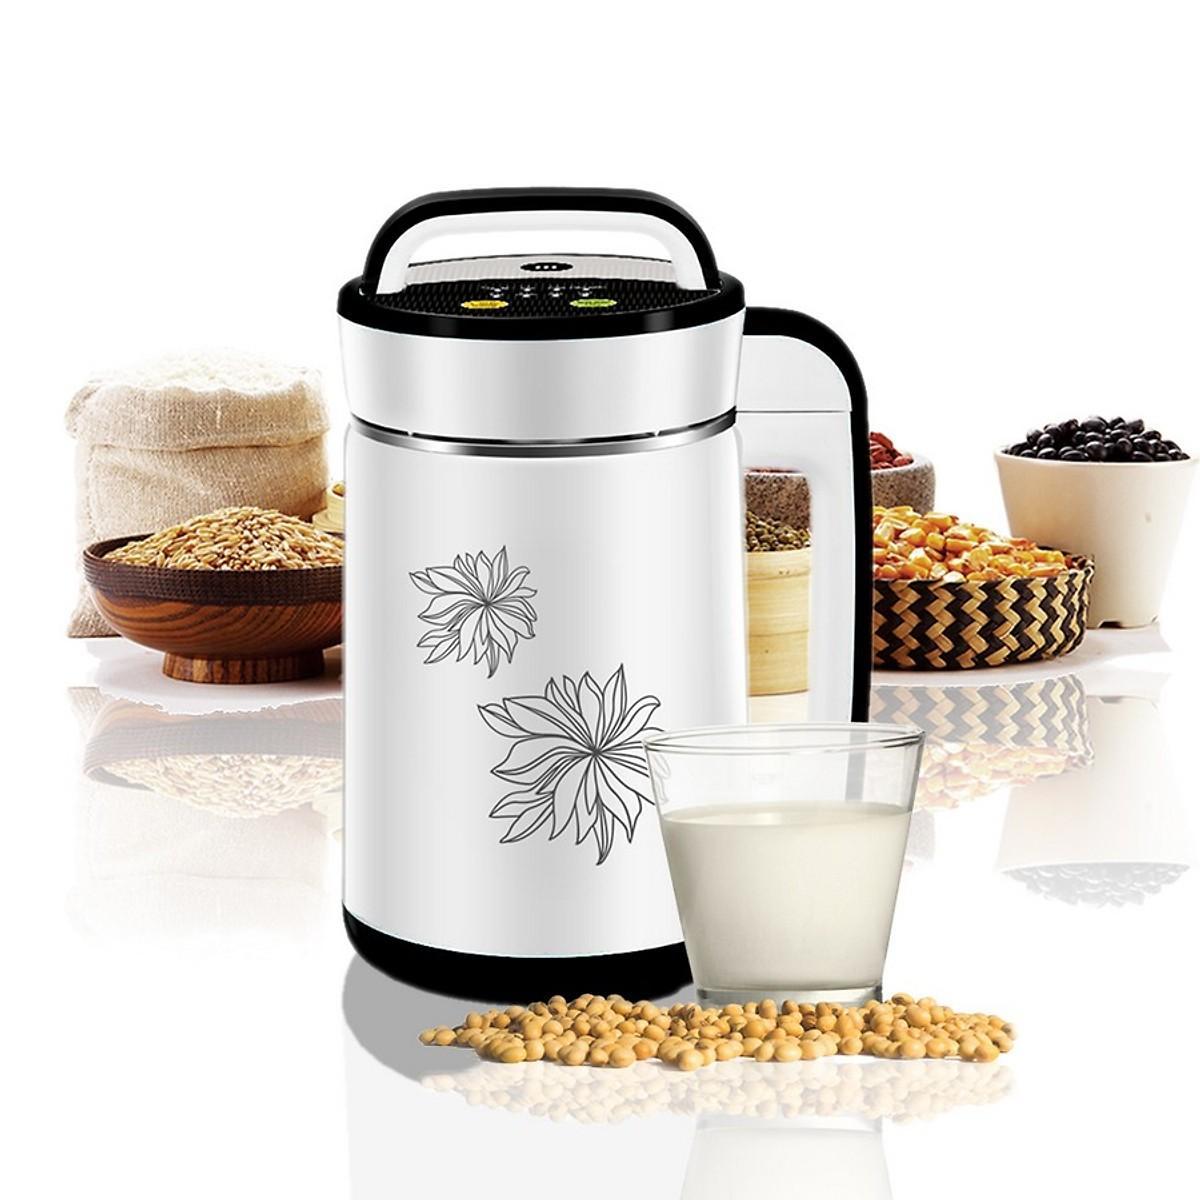 Máy làm sữa đậu nành Mishio MK140